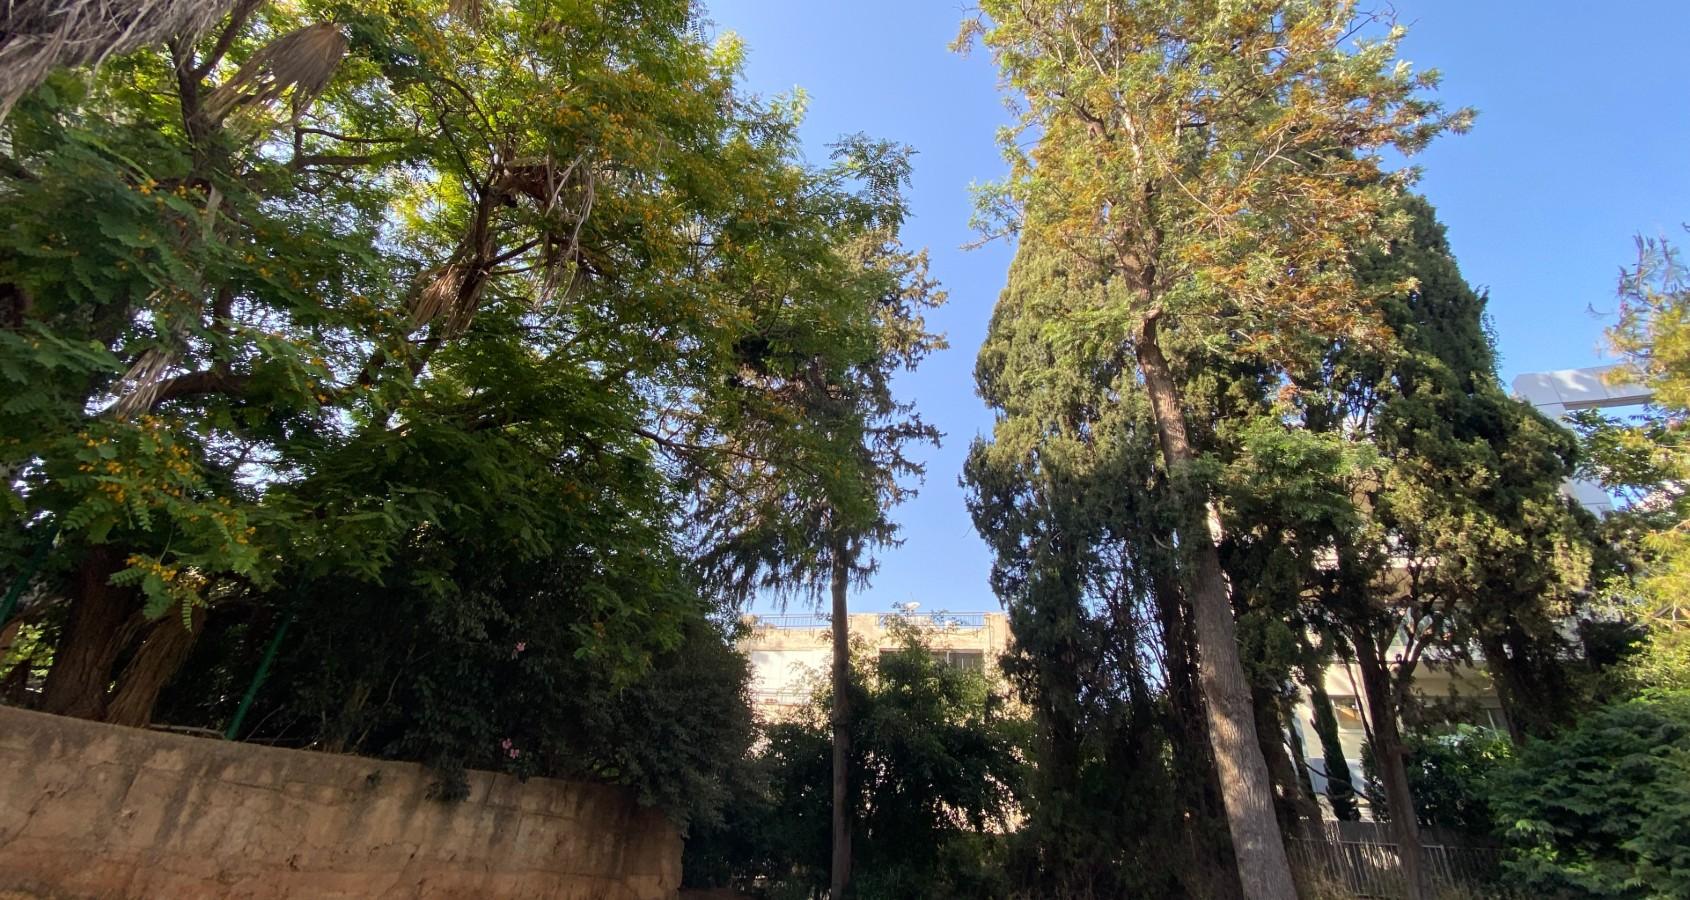 העצים המיועדים לכריתה ברחוב אבן אודם